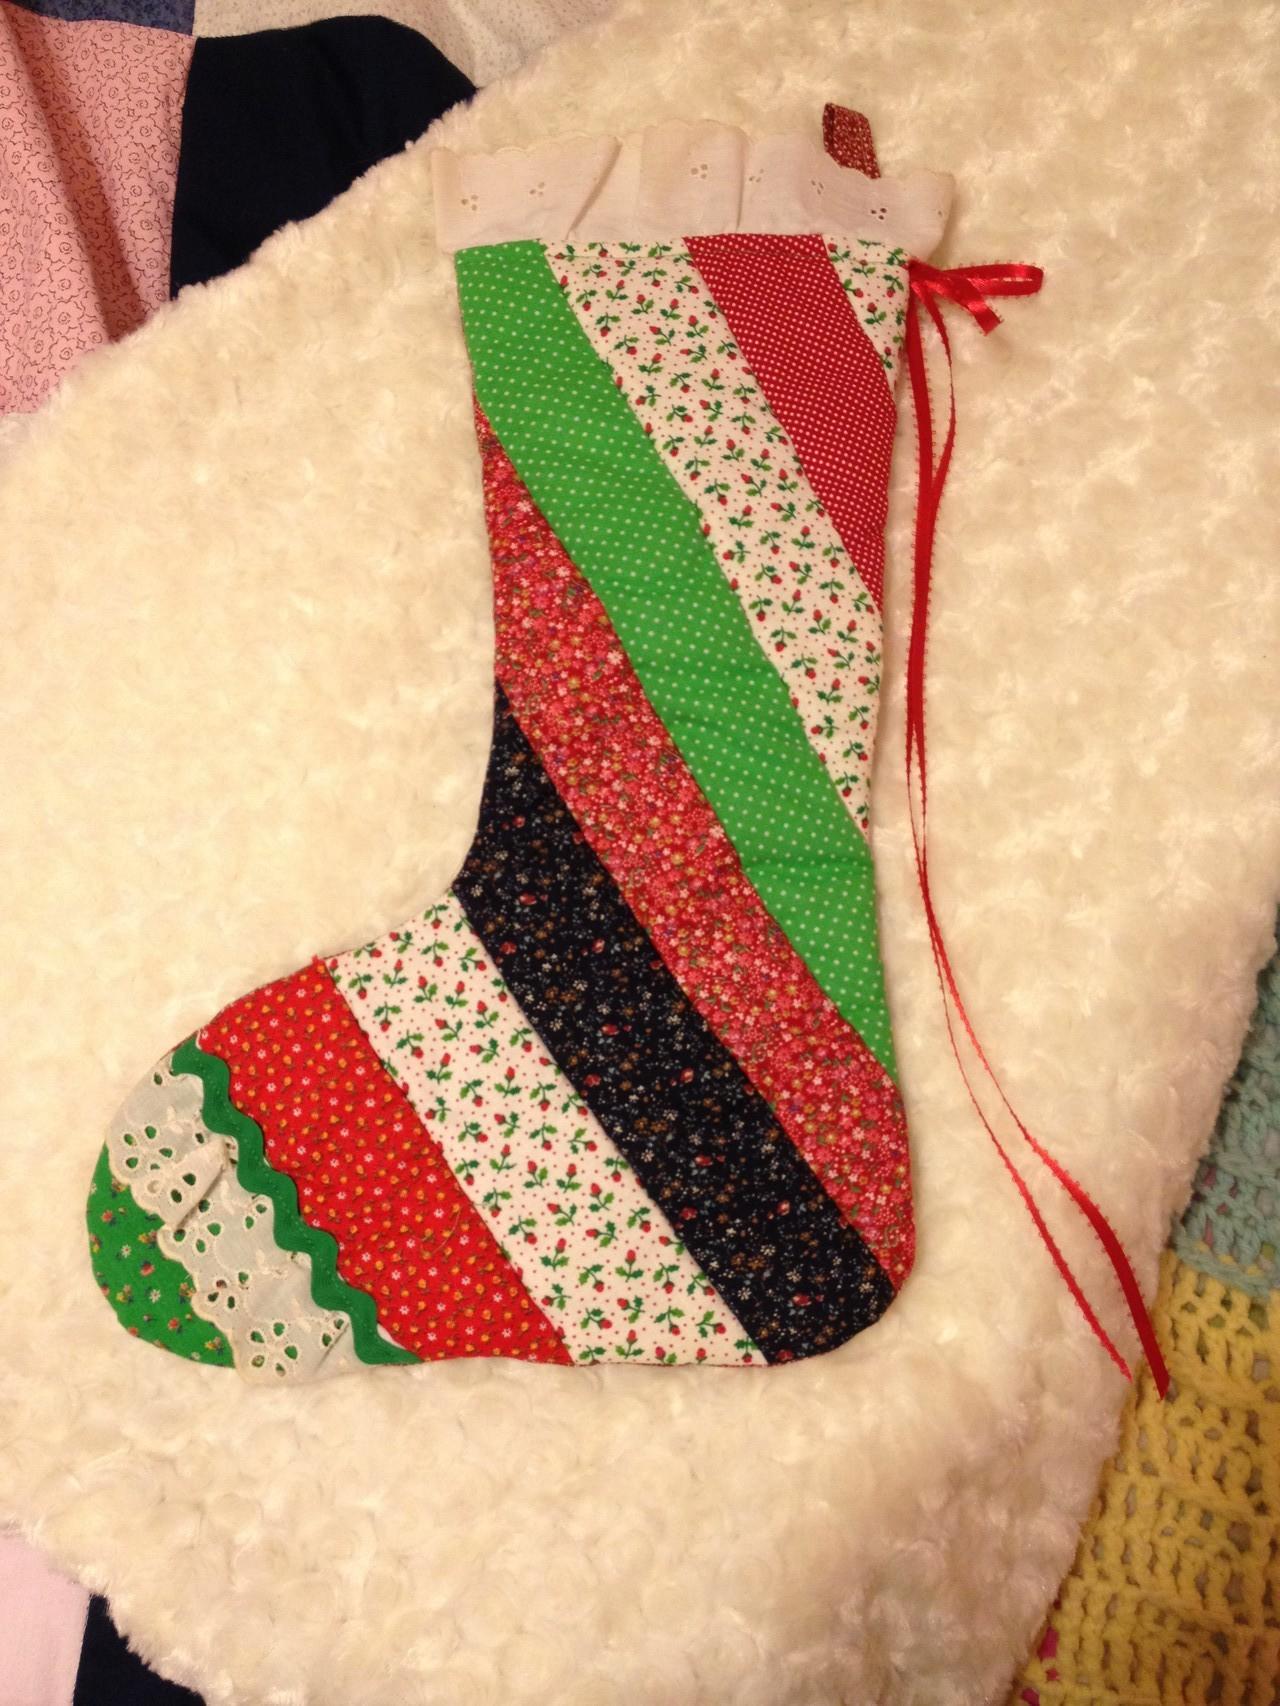 Den Stocking hat mir meine Gastmutter gekauft, der wird an Weihnachten von Santa aufgefüllt